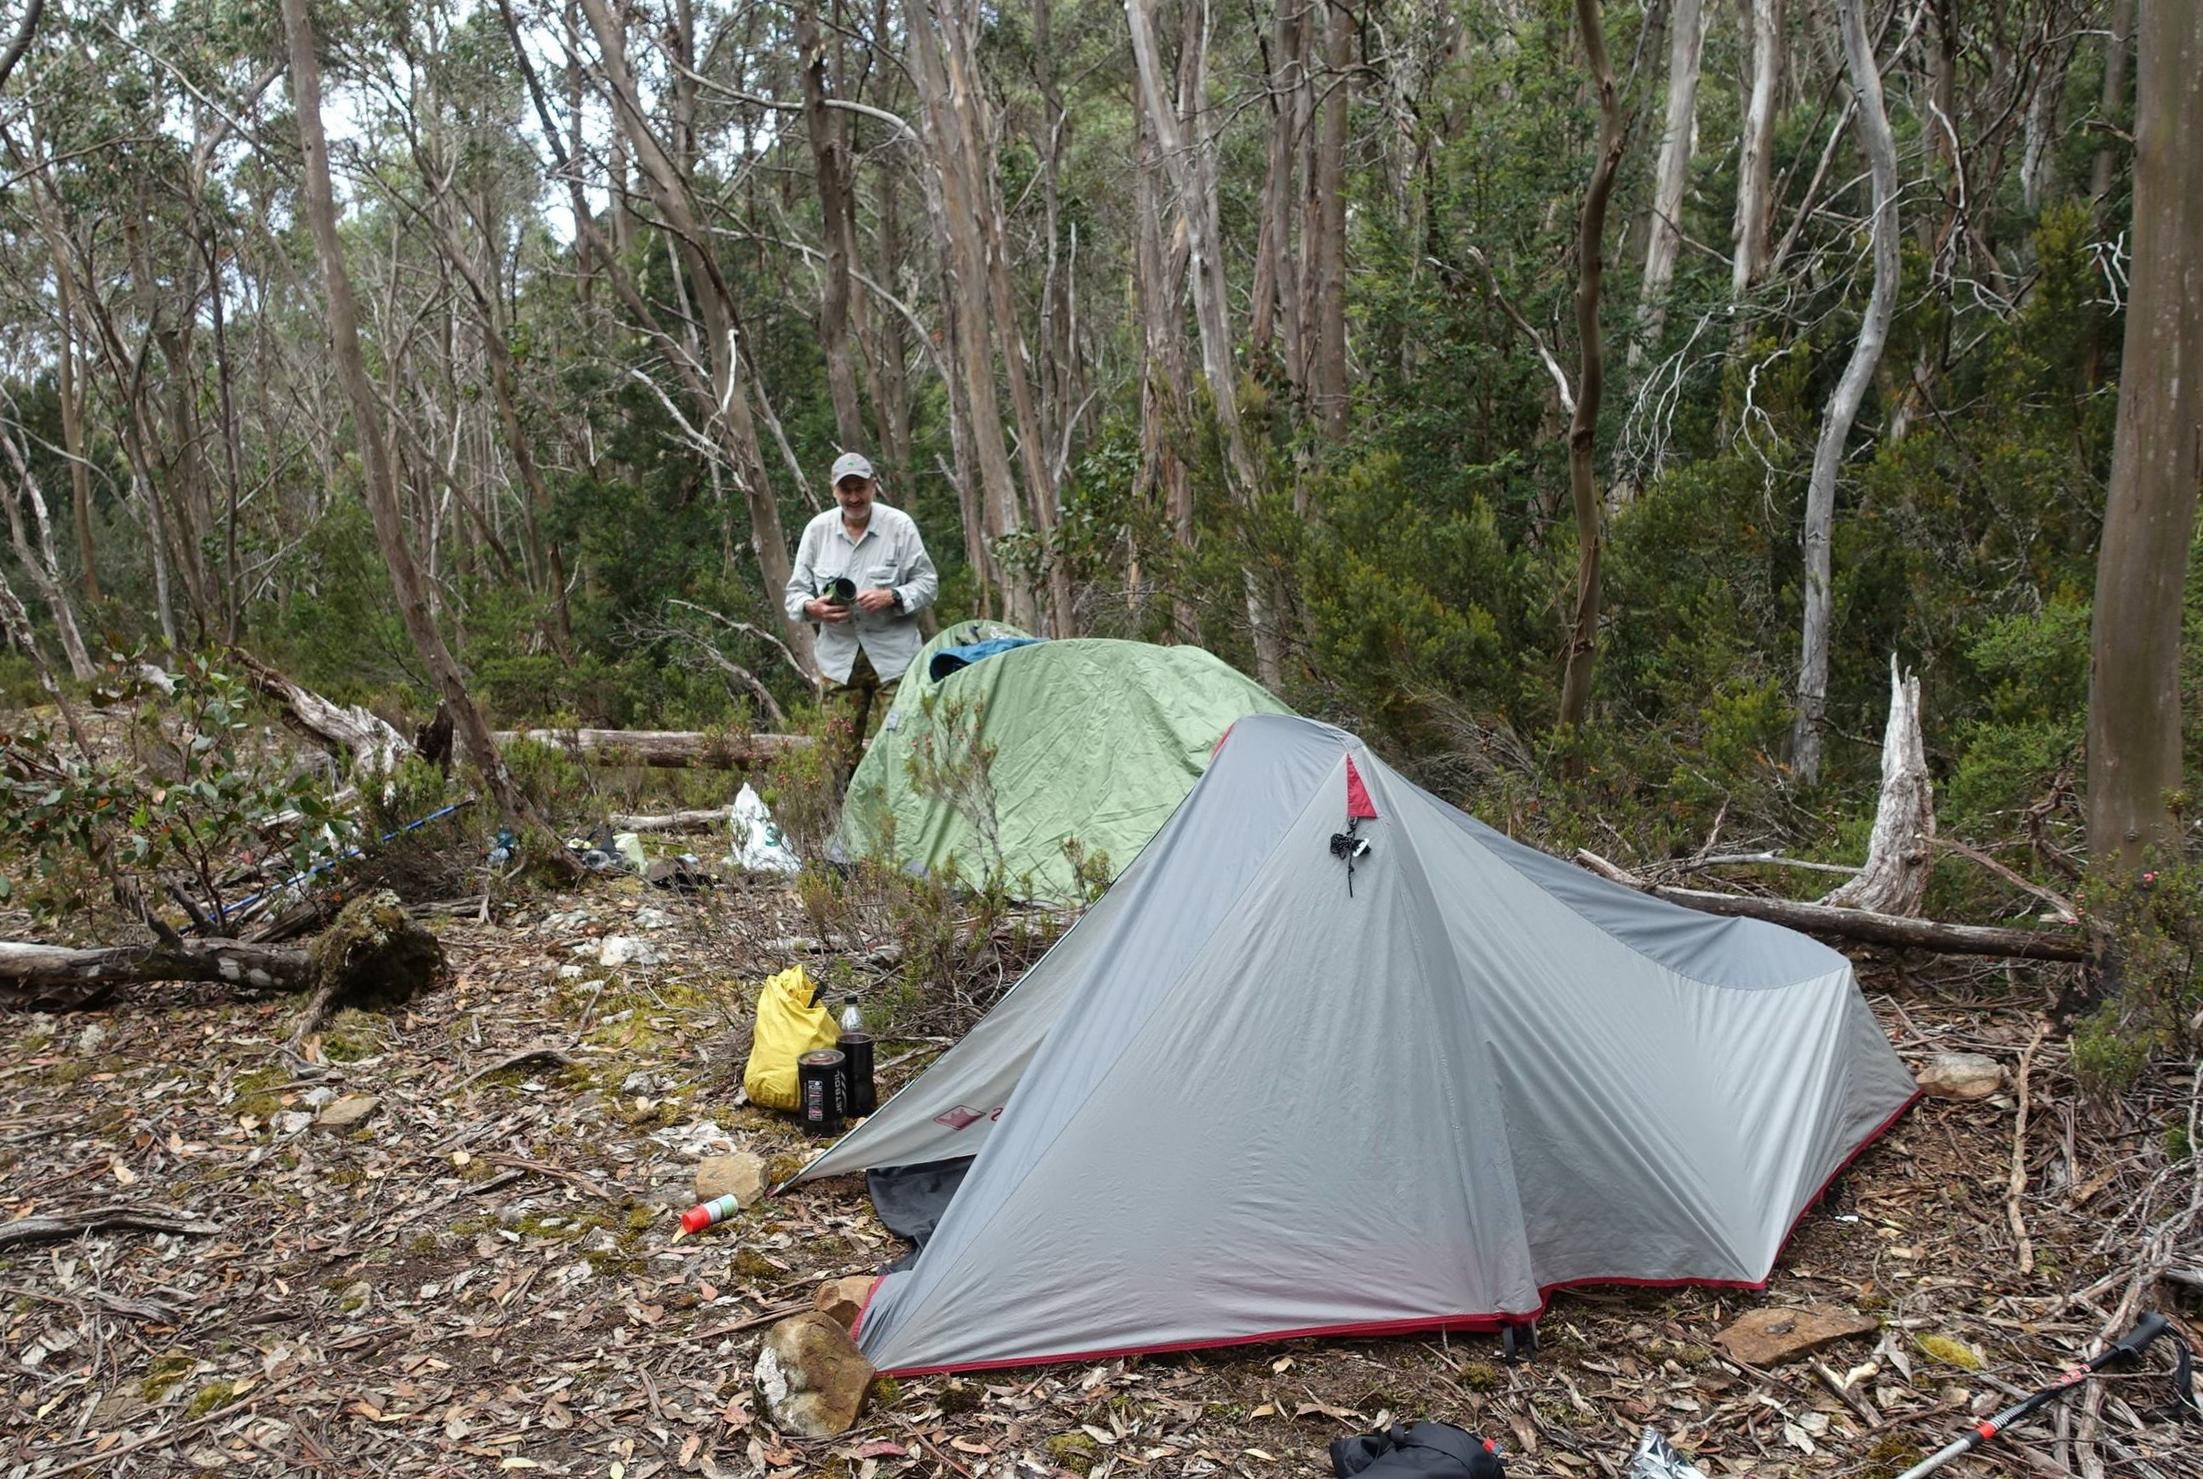 campsite night #1